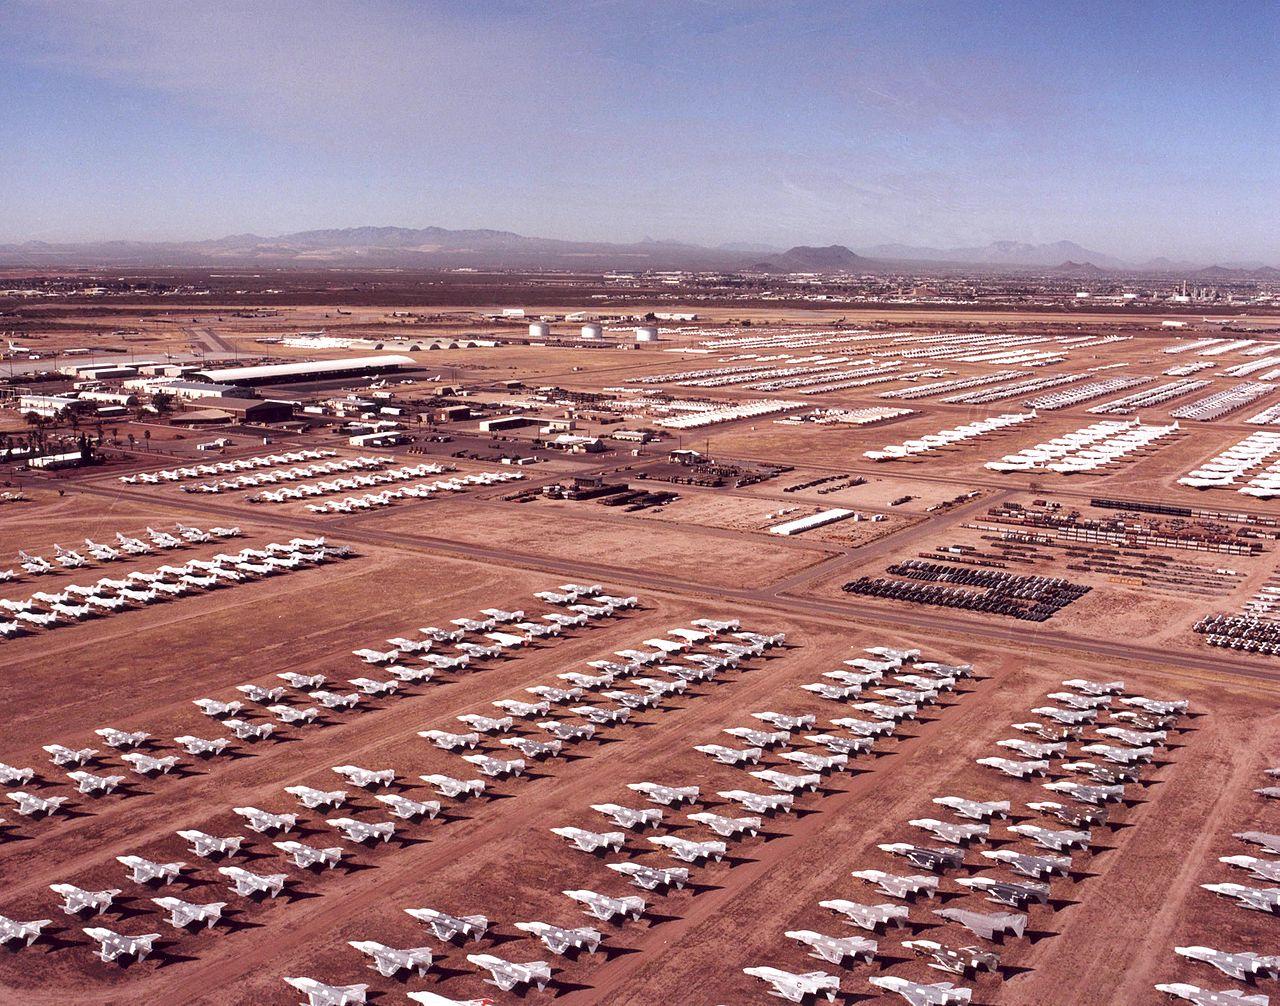 The 'Boneyard' at Davis Monthan Air Force Base (Source: Davis-Monthan Air Force base)